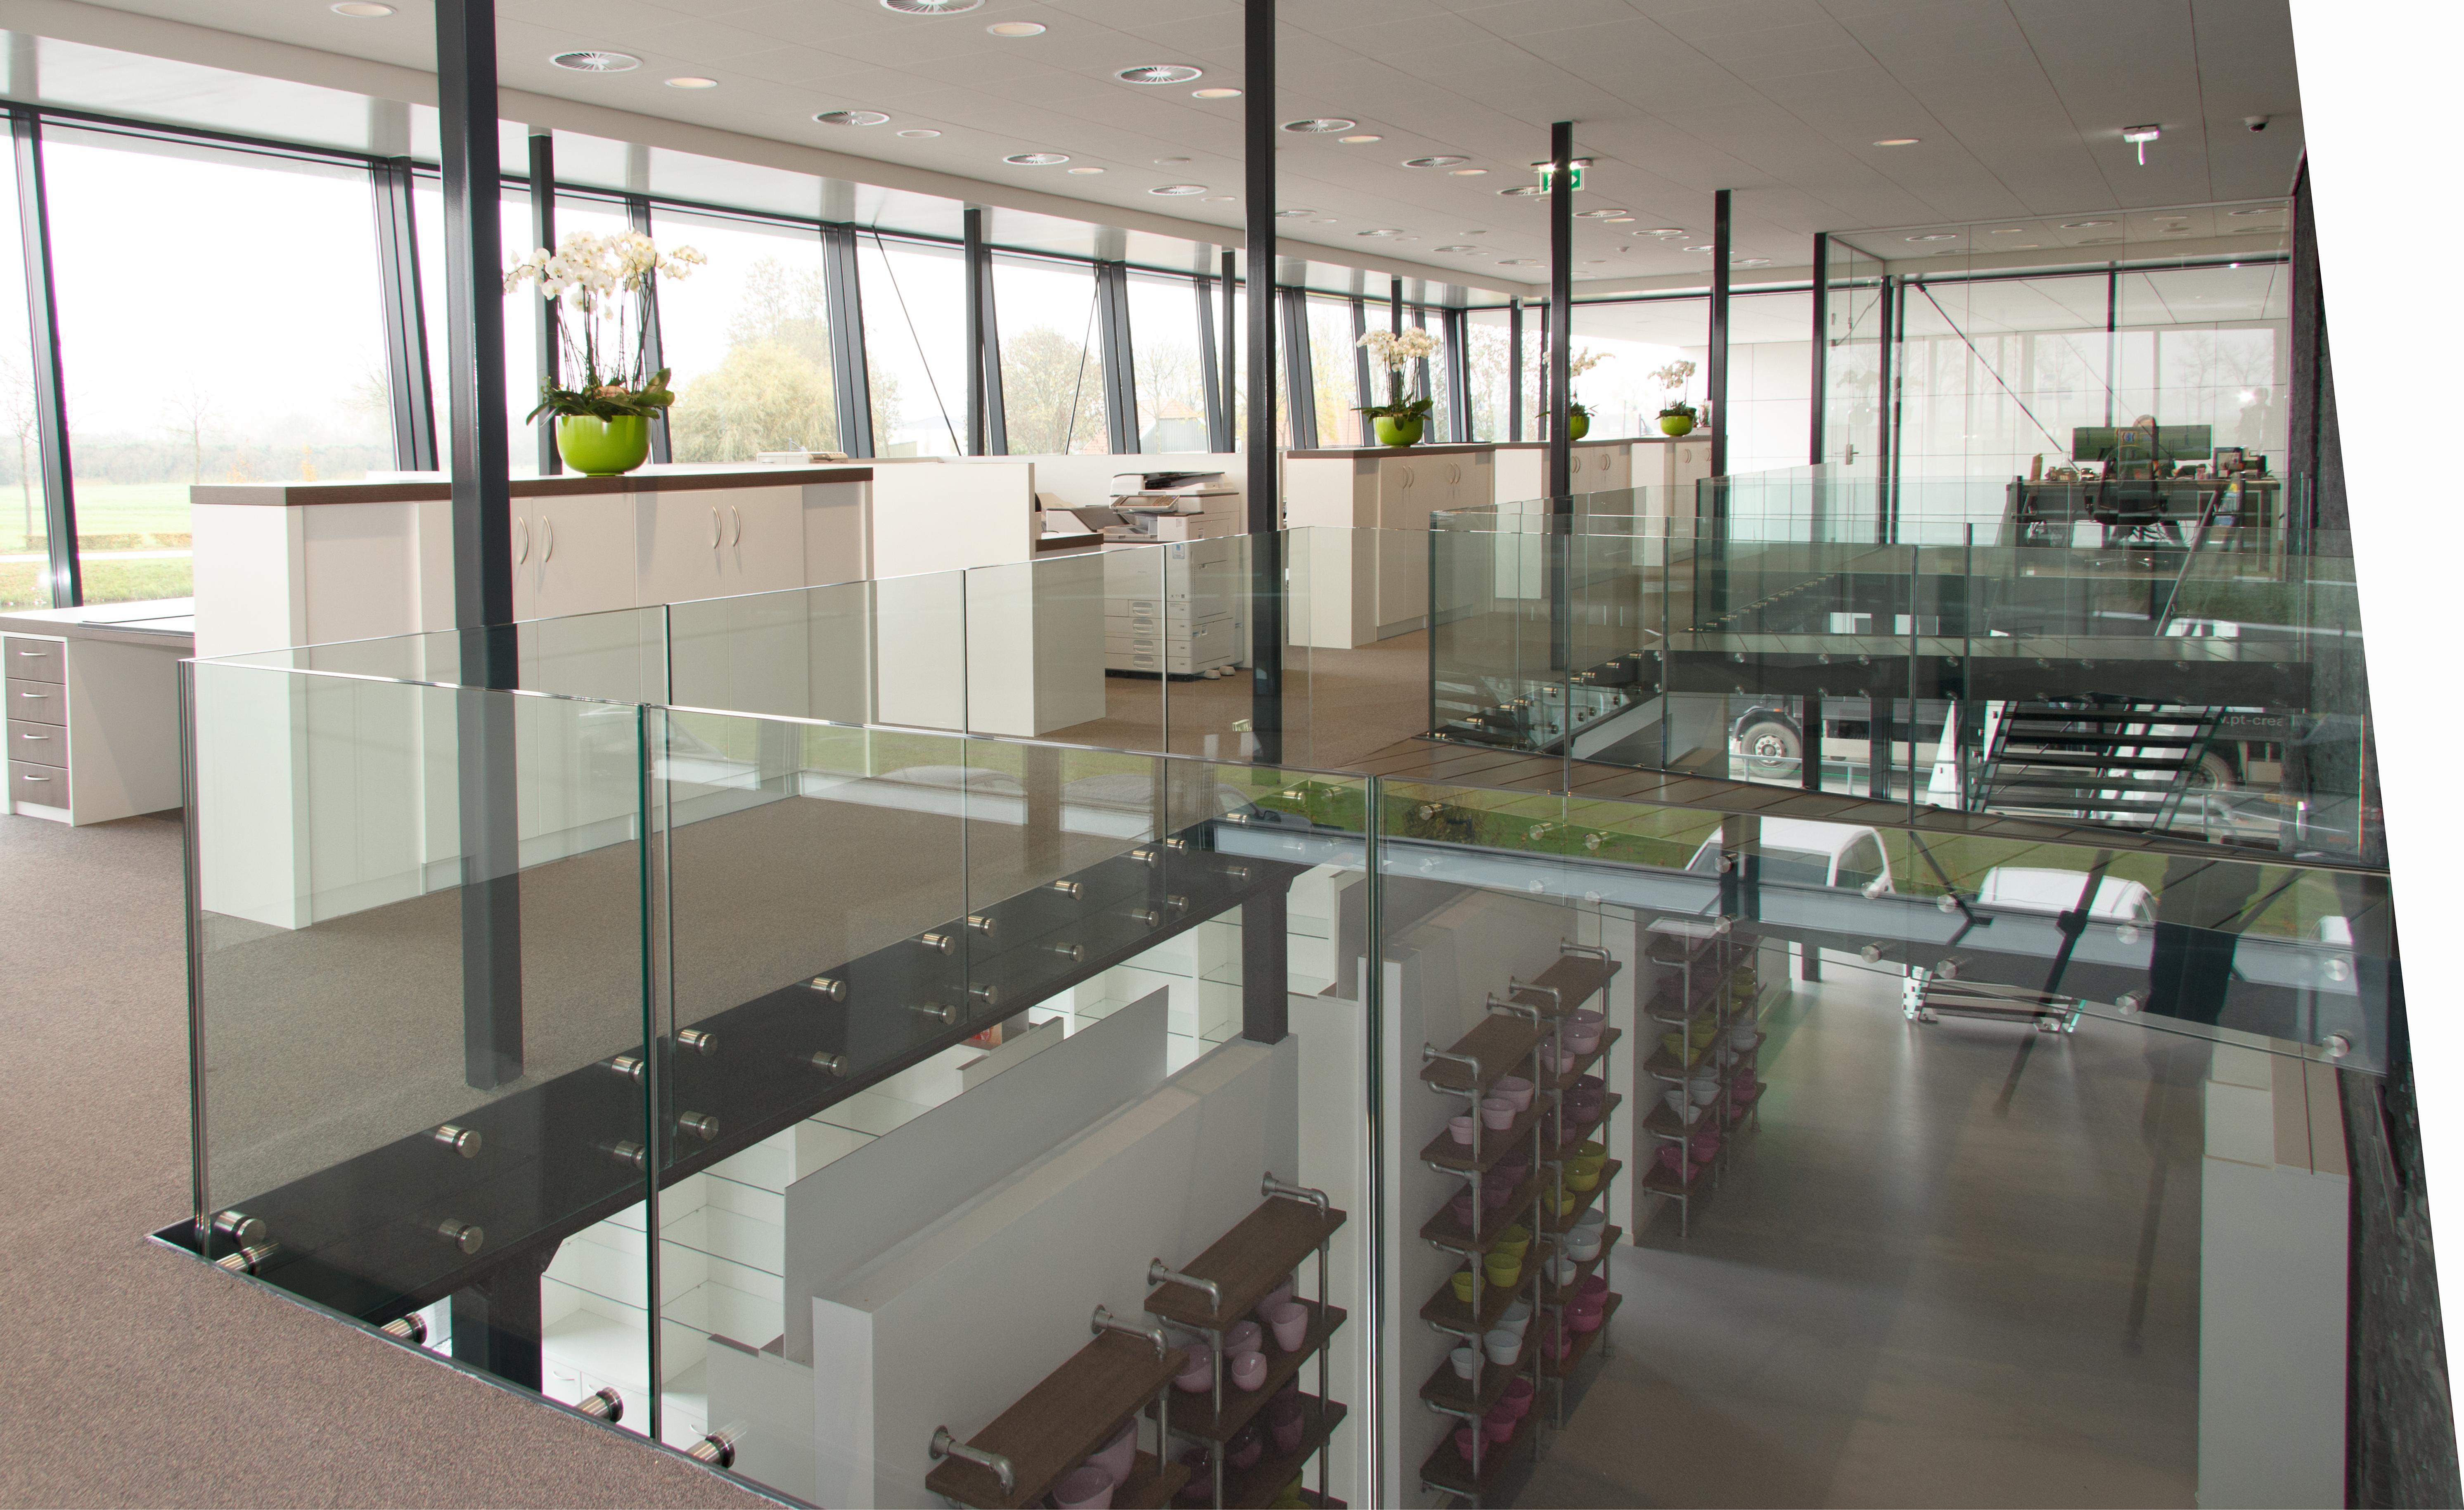 Inrichting kantoor en showroom artilux specialist in for Inrichting kantoor